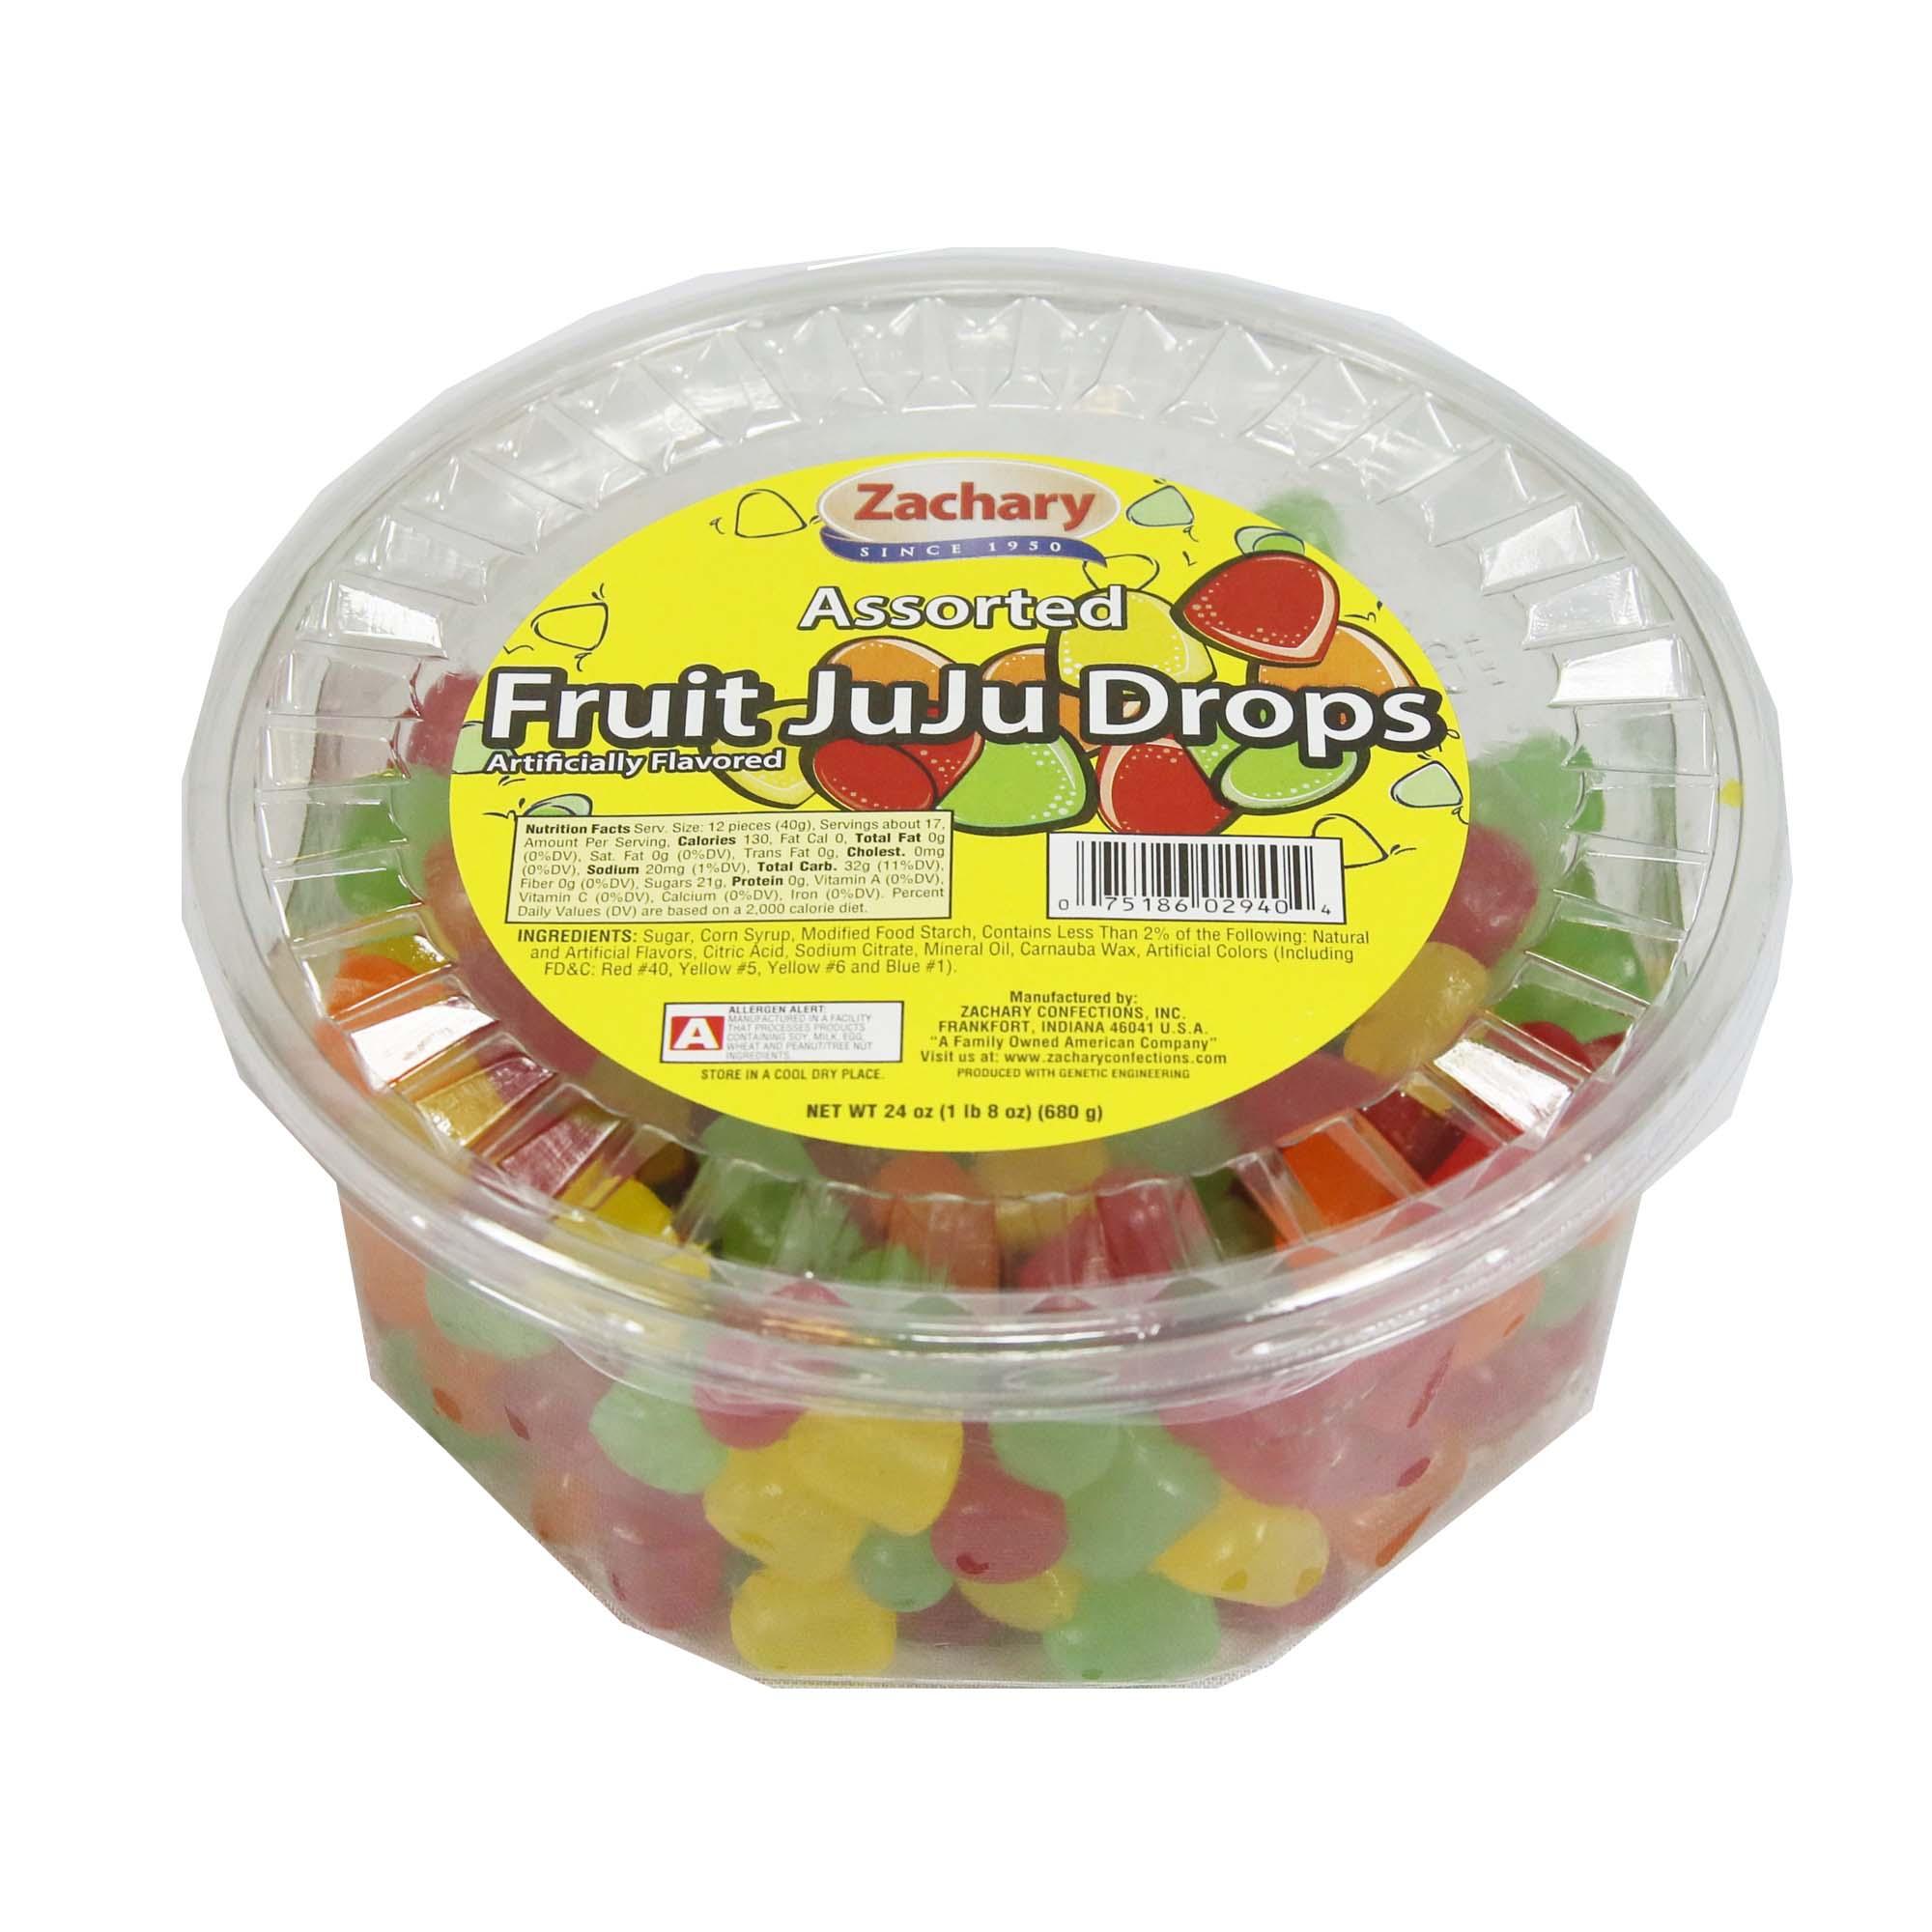 Zachary 24oz. Assorted Fruit JuJu's